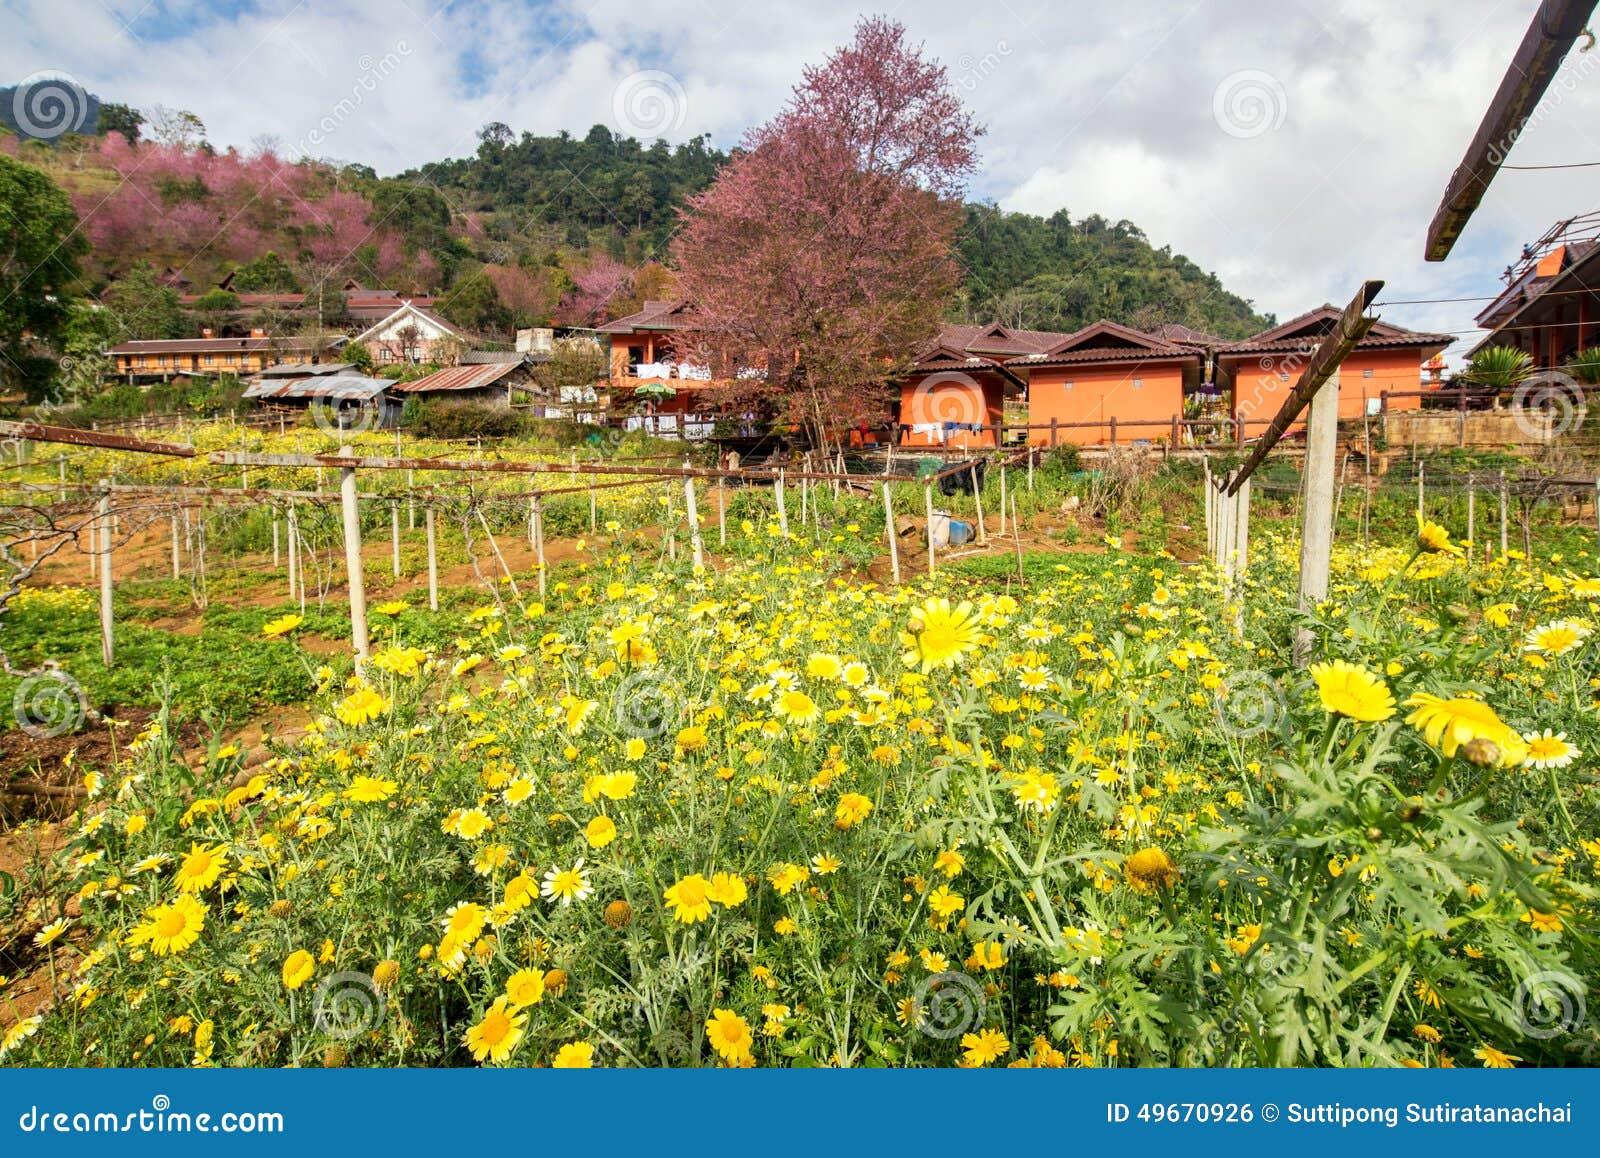 Κίτρινο λουλούδι και ρόδινο άνθος κερασιών με ένα πορτοκαλί σπίτι